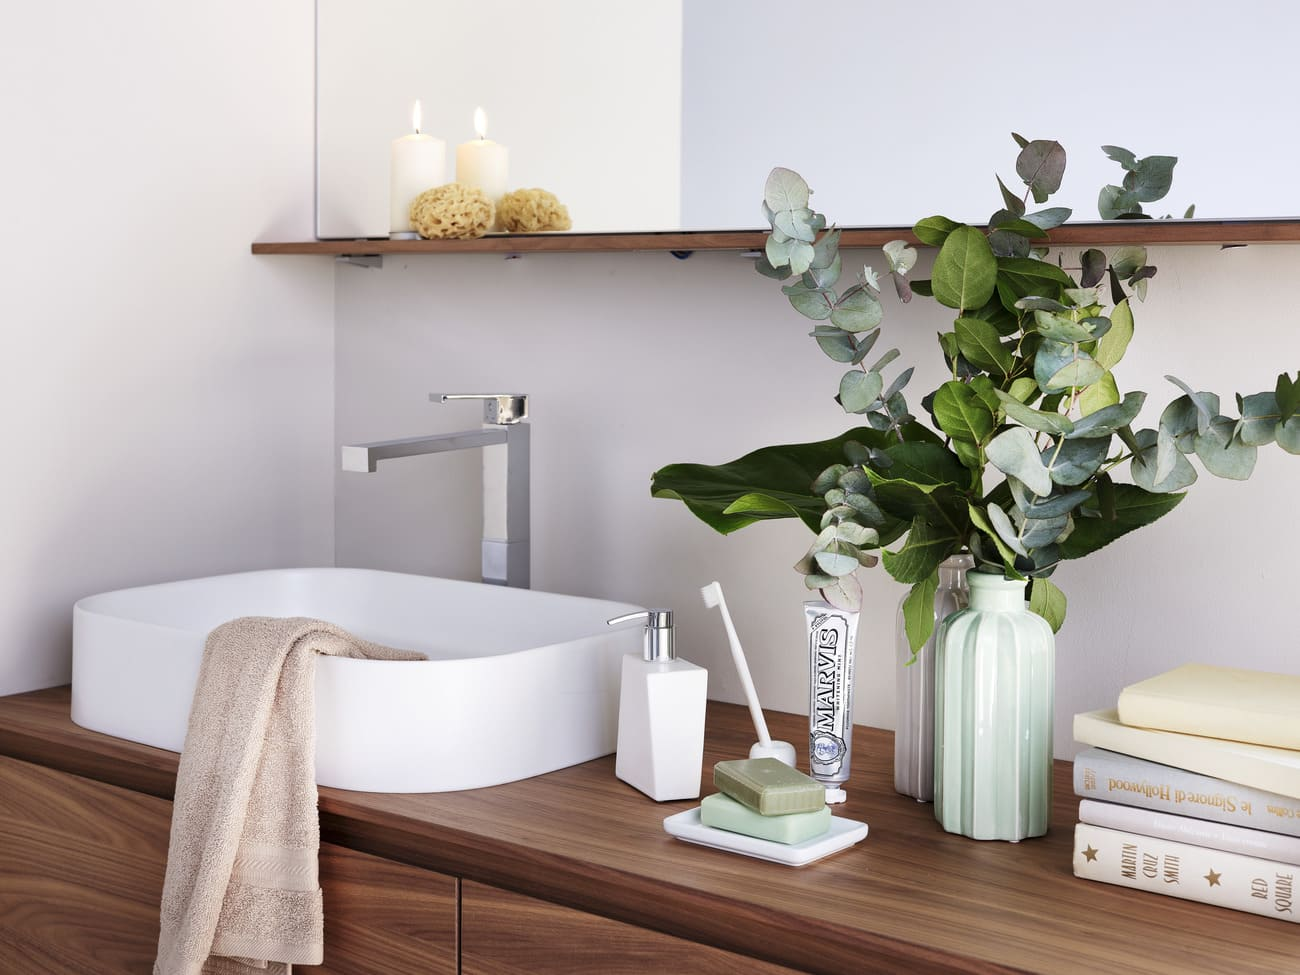 Idee Per Posizionare Mensole come abbellire il bagno in poche mosse | modo d